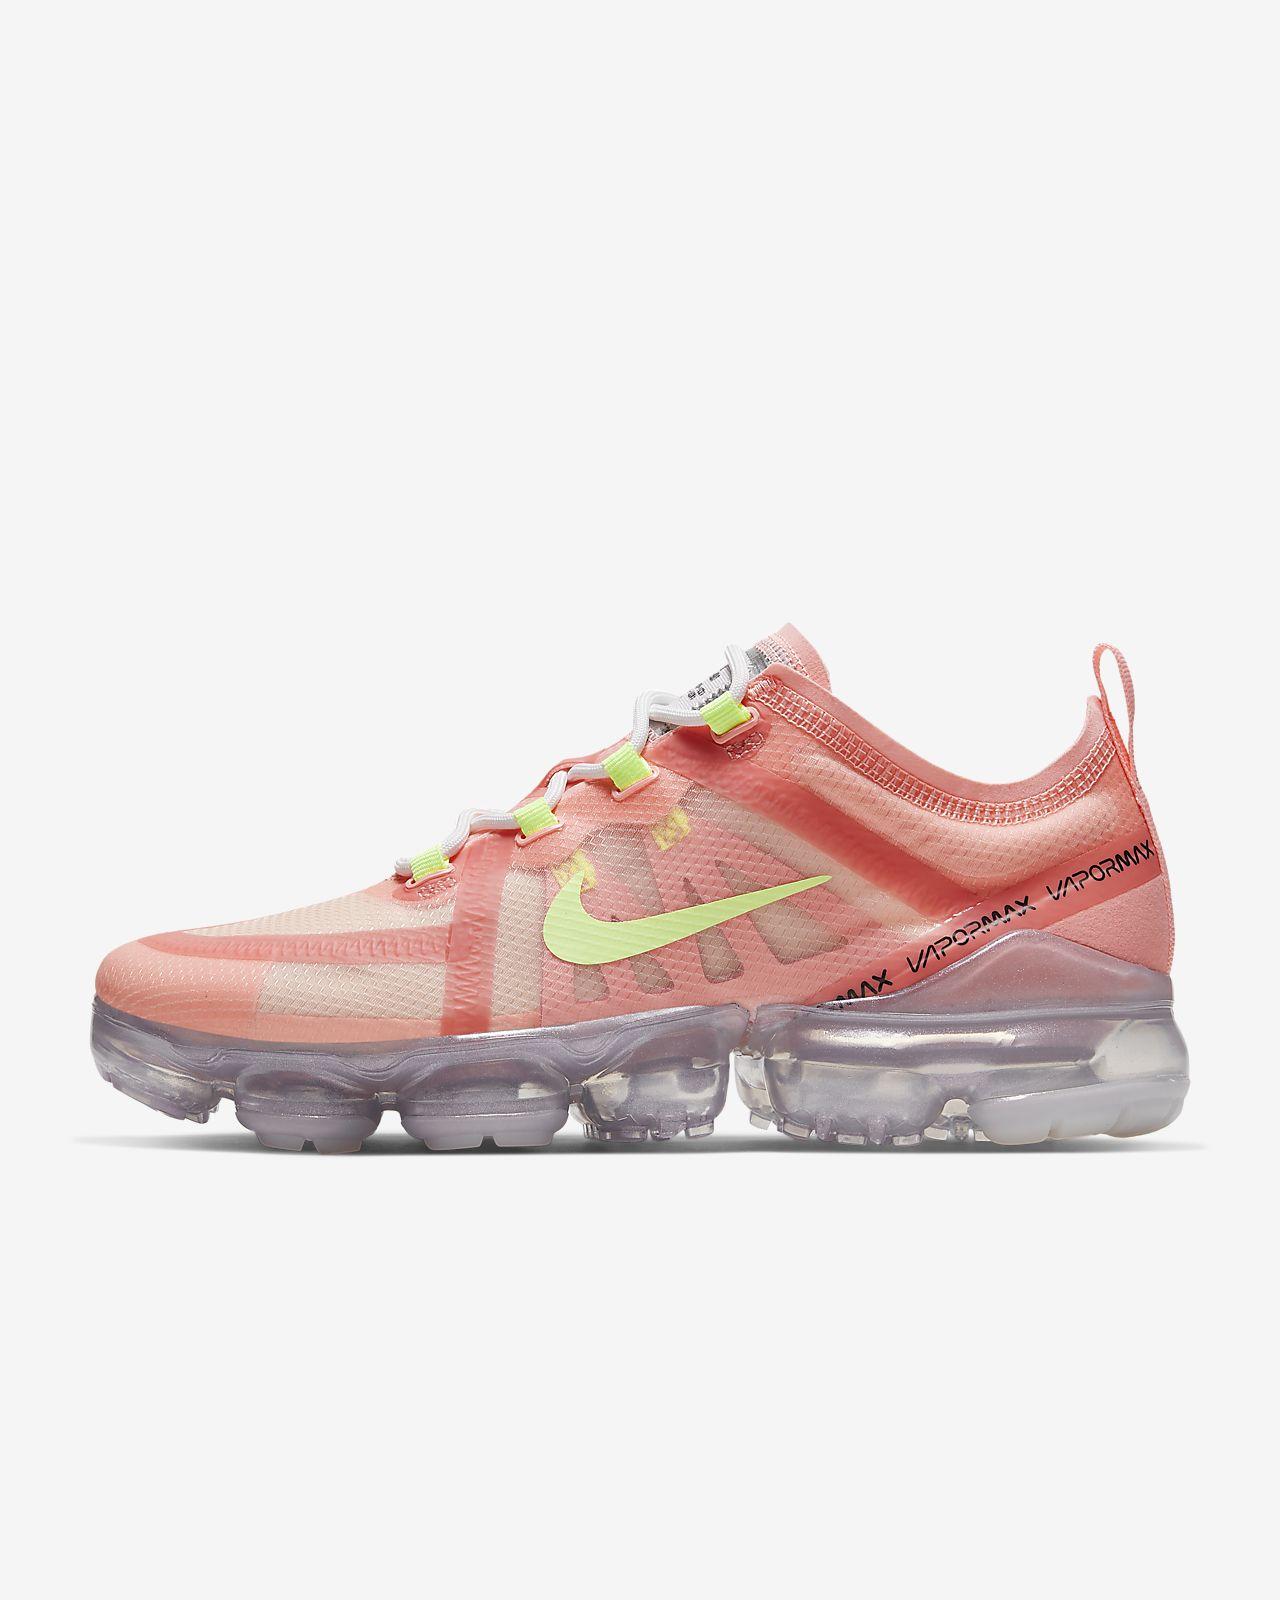 f1e8cc7781 Nike Air VaporMax 2019 Women's Shoe. Nike.com IN